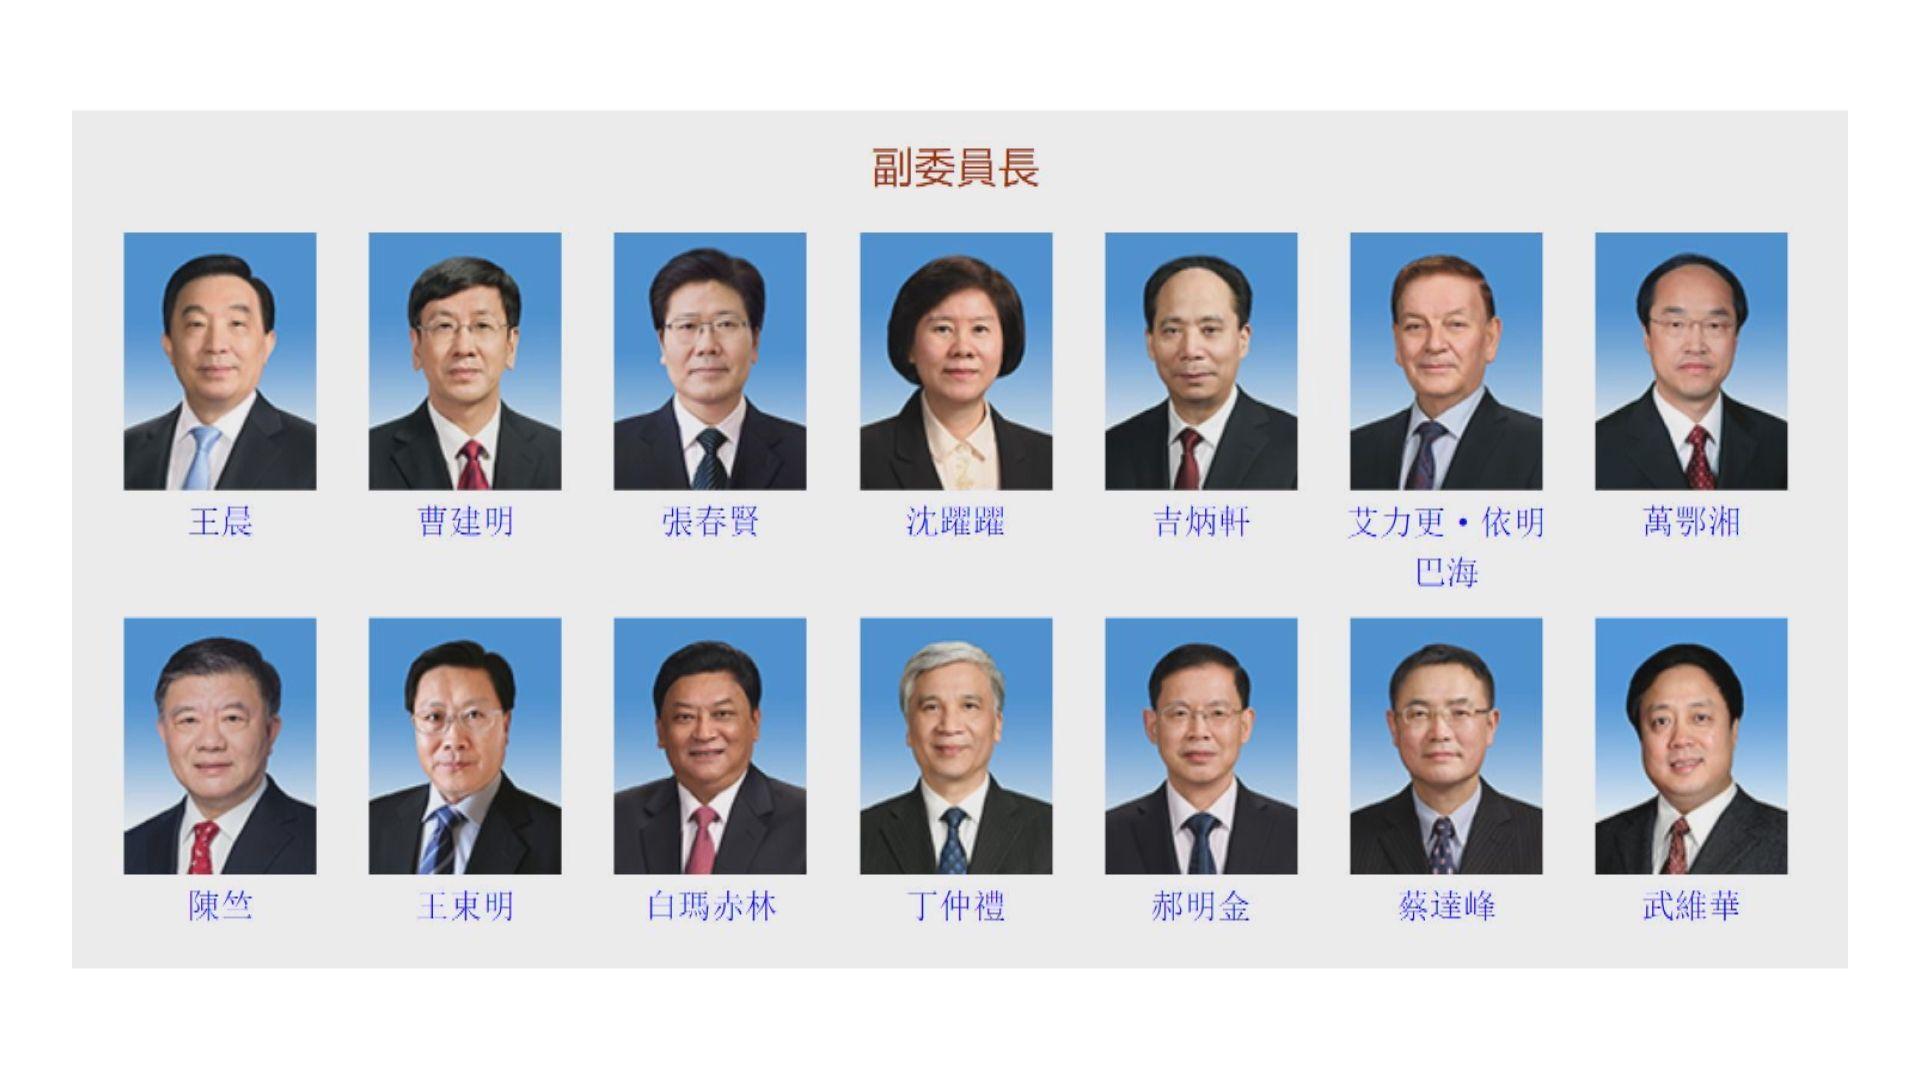 港議員被取消資格 美制裁14名人大常委會副委員長